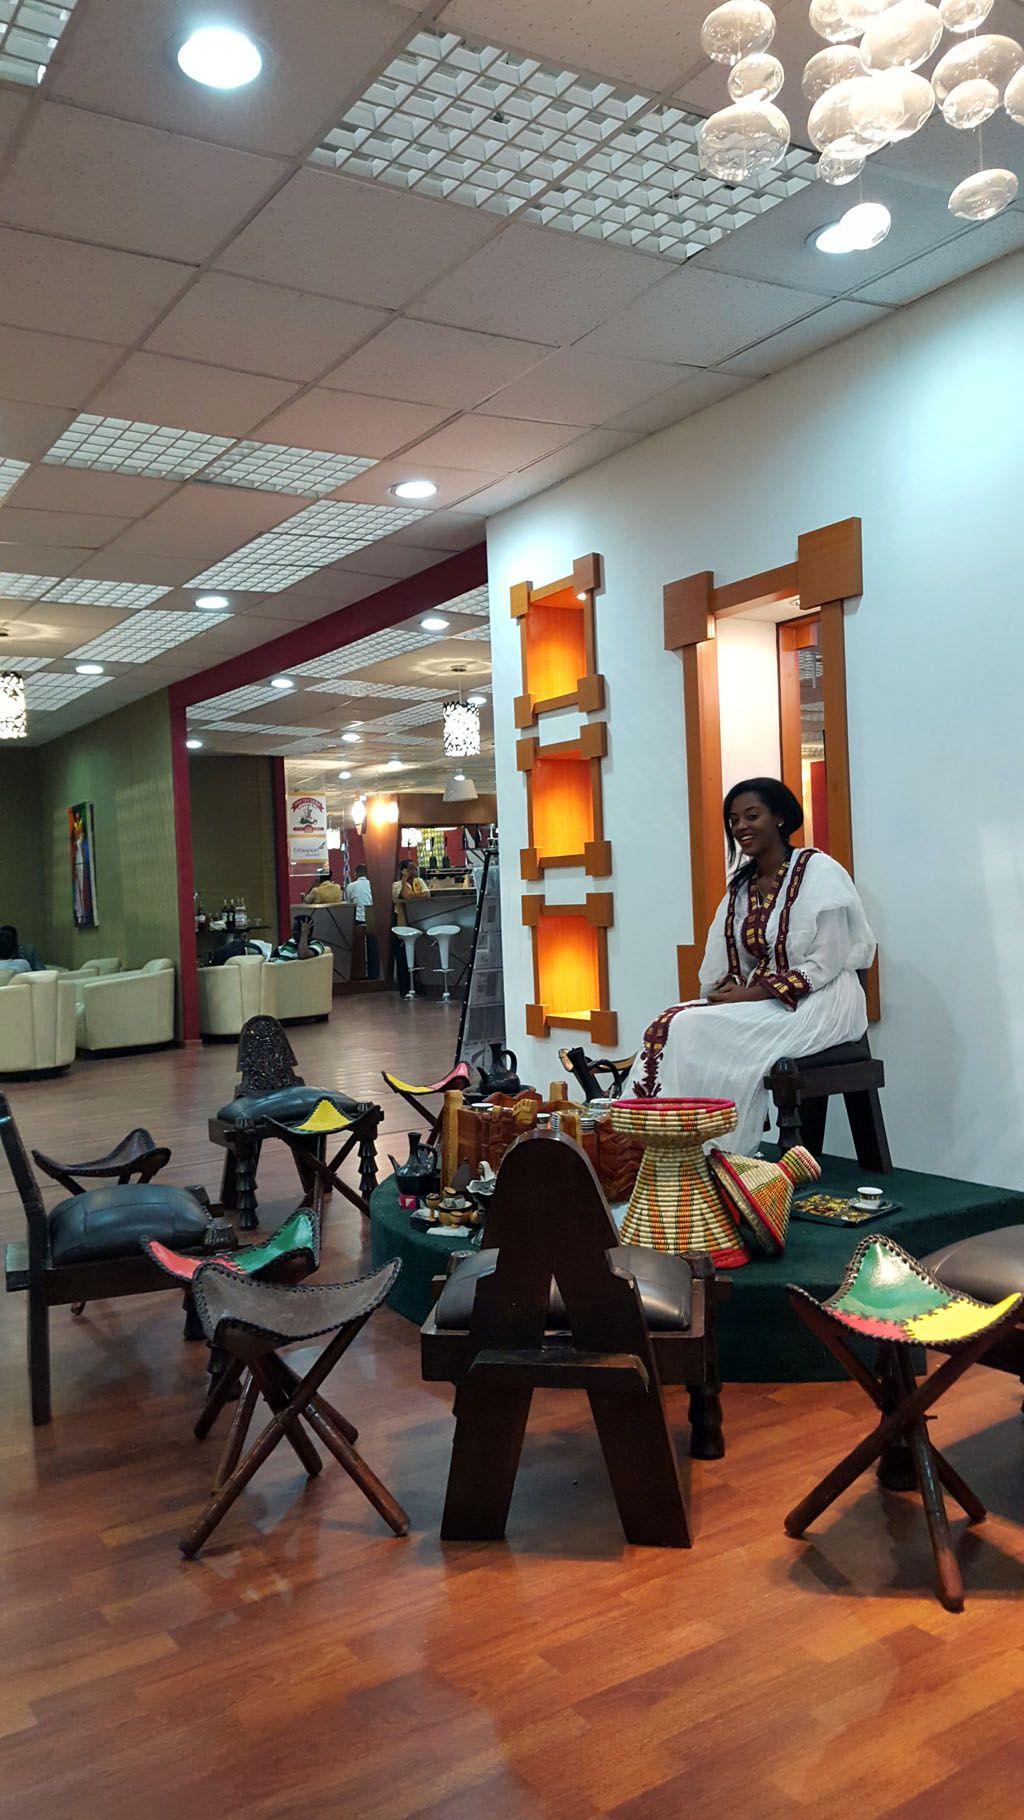 Kaffeegenuss in der neuen Ethiopian Airlines Lounge in Addis Abeba! Bei einer äthiopischen Kaffeezeremonie, wird der Reisende Teil eines uralten traditionellen äthiopischen Brauchs und erlebt in entspannter und ruhiger Atmosphäre die sprichwörtlich äthiopische Gastfreundschaft. Eine Einladung zur Kaffee-Zeremonie ist in Äthiopien ein Zeichen von Freundschaft und Anerkennung und eine besondere Art die Zeit zu geniessen. (c) Ethiopian Airlines